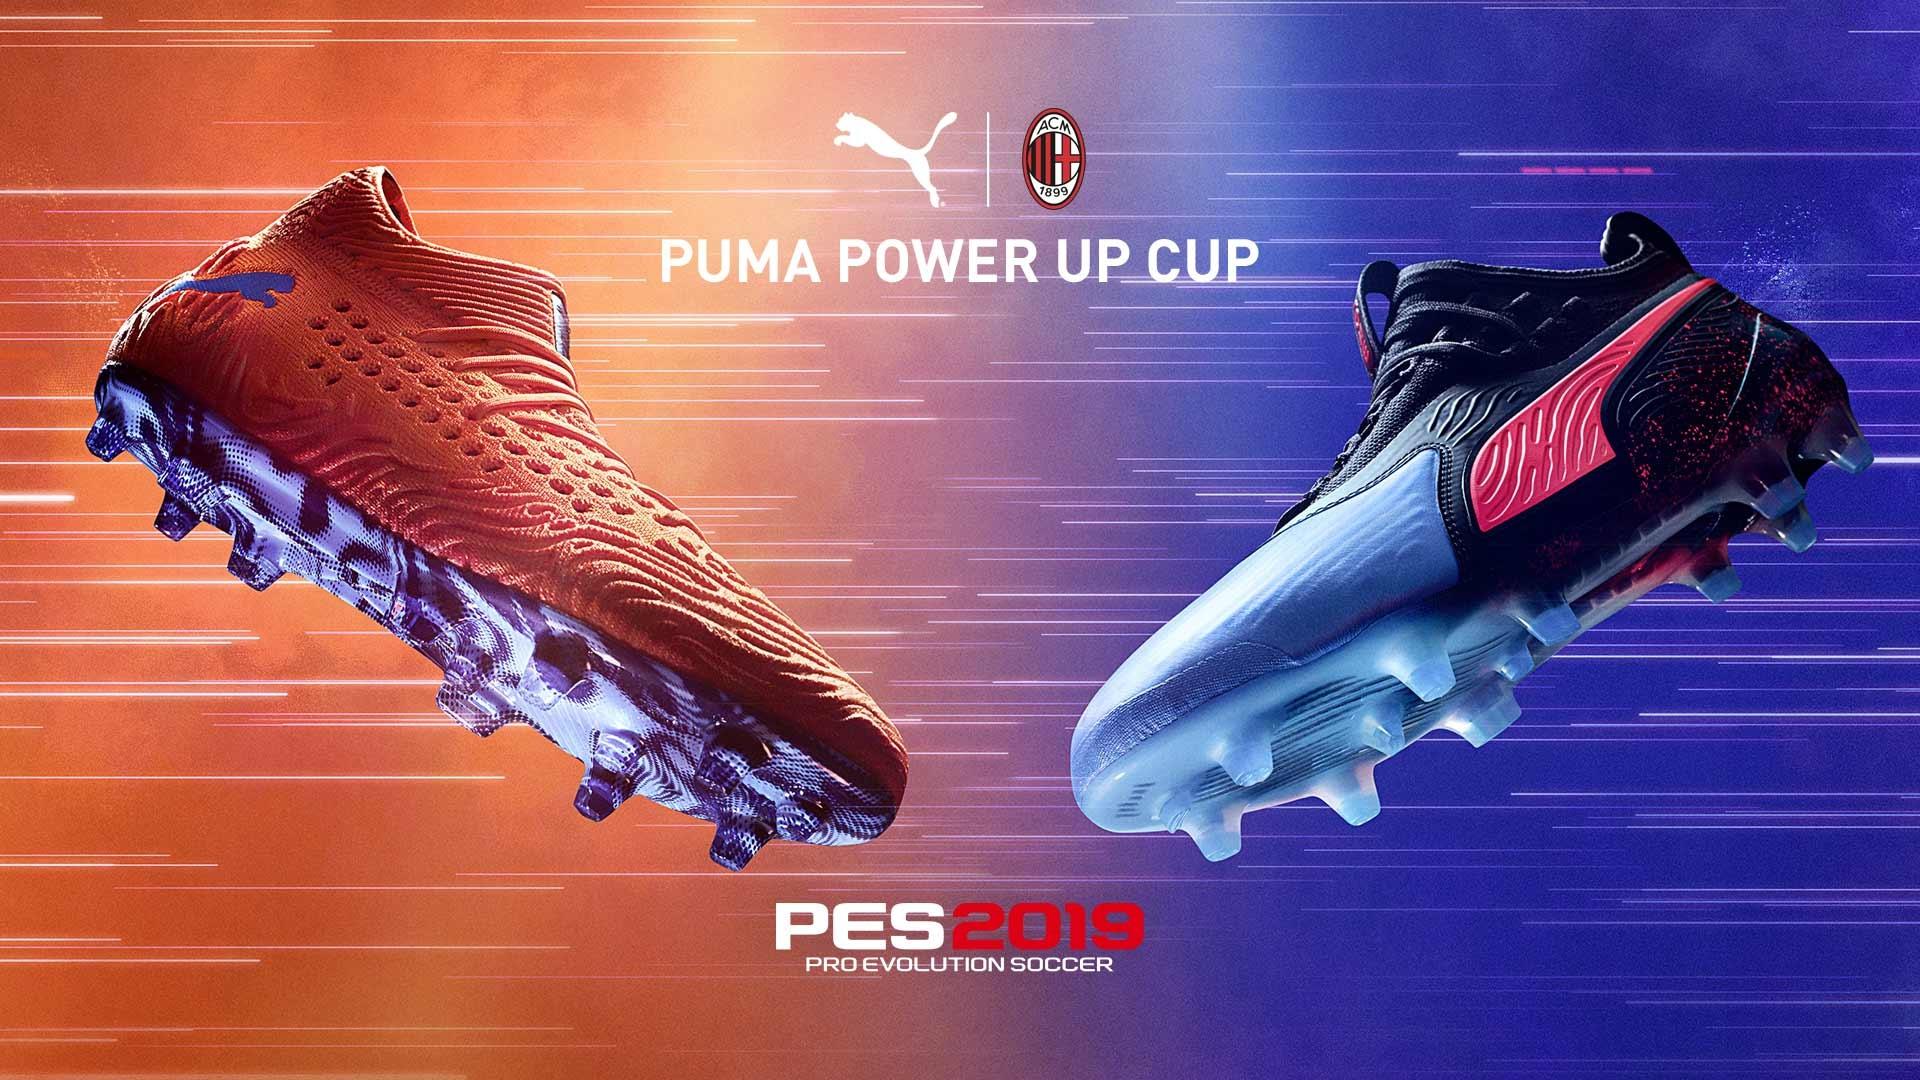 Puma e Milan si incontrano su PES 2019